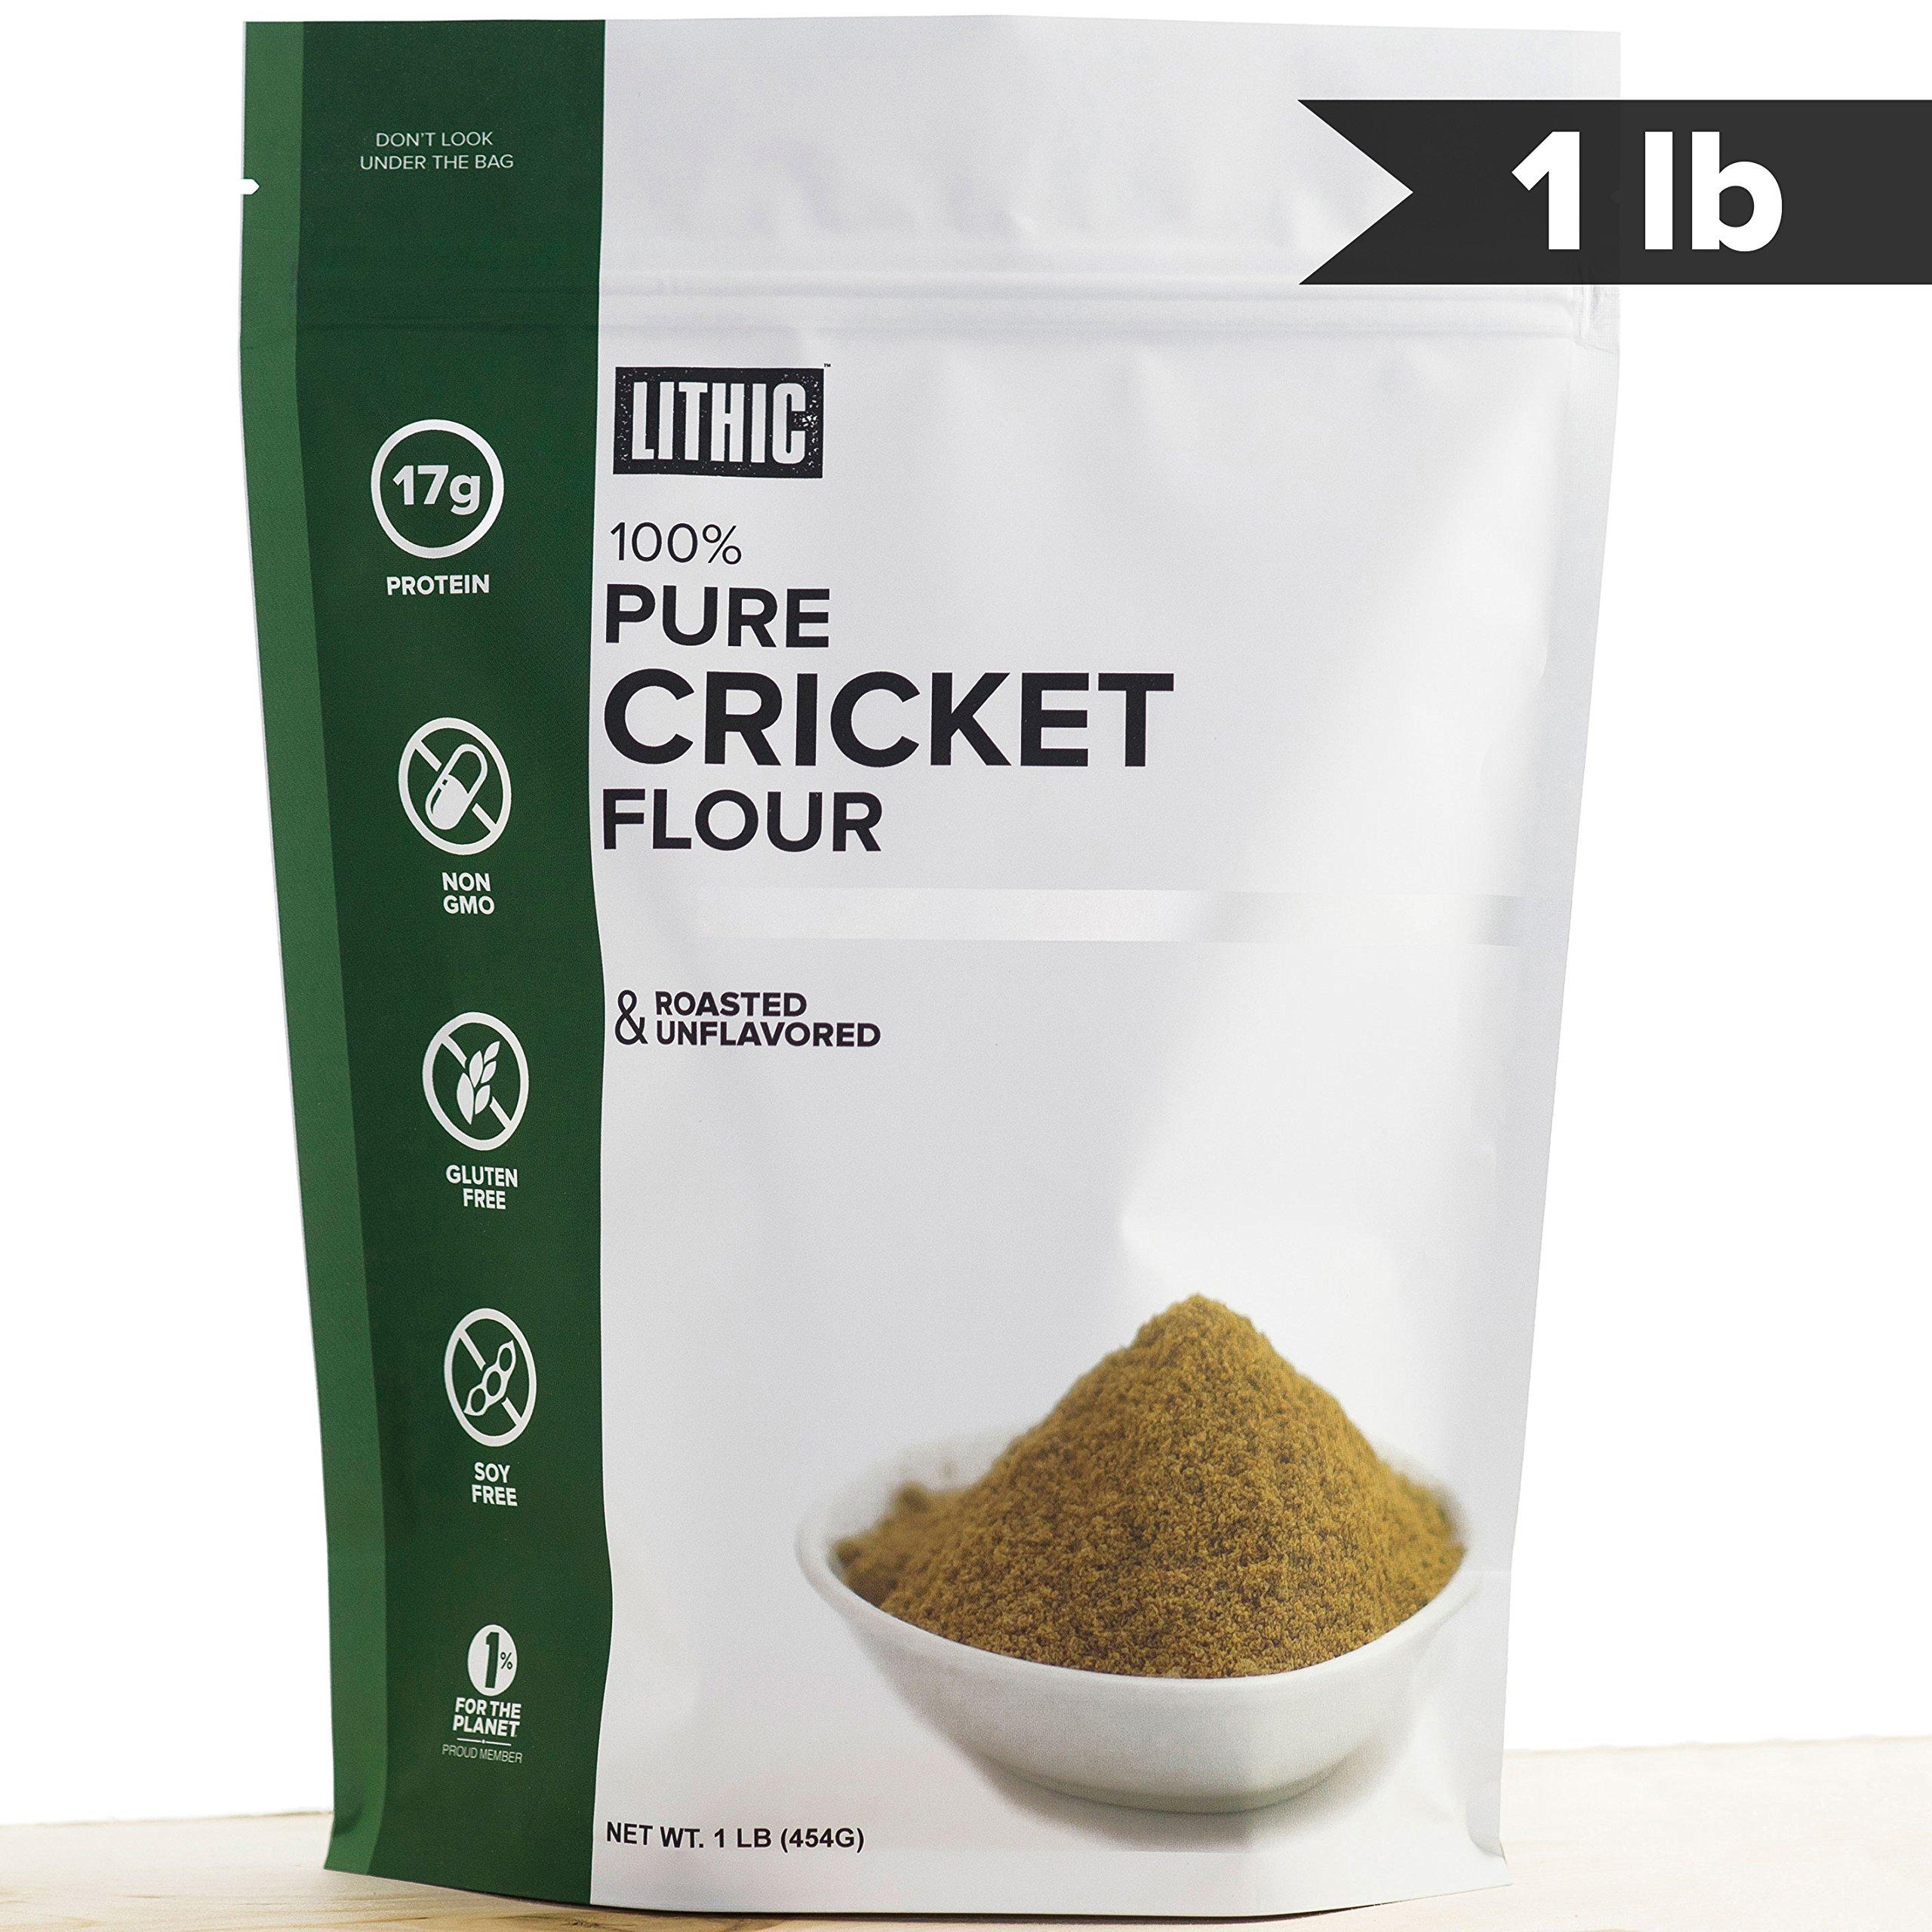 Cricket Flour, Keto Protein :: 1LB (454g) :: 100% Pure Cricket Powder :: Keto Flour, Paleo Flour, Sustainable Food, Whole 30 Friendly, Gluten Free Flour : Lithic Cricket Flour